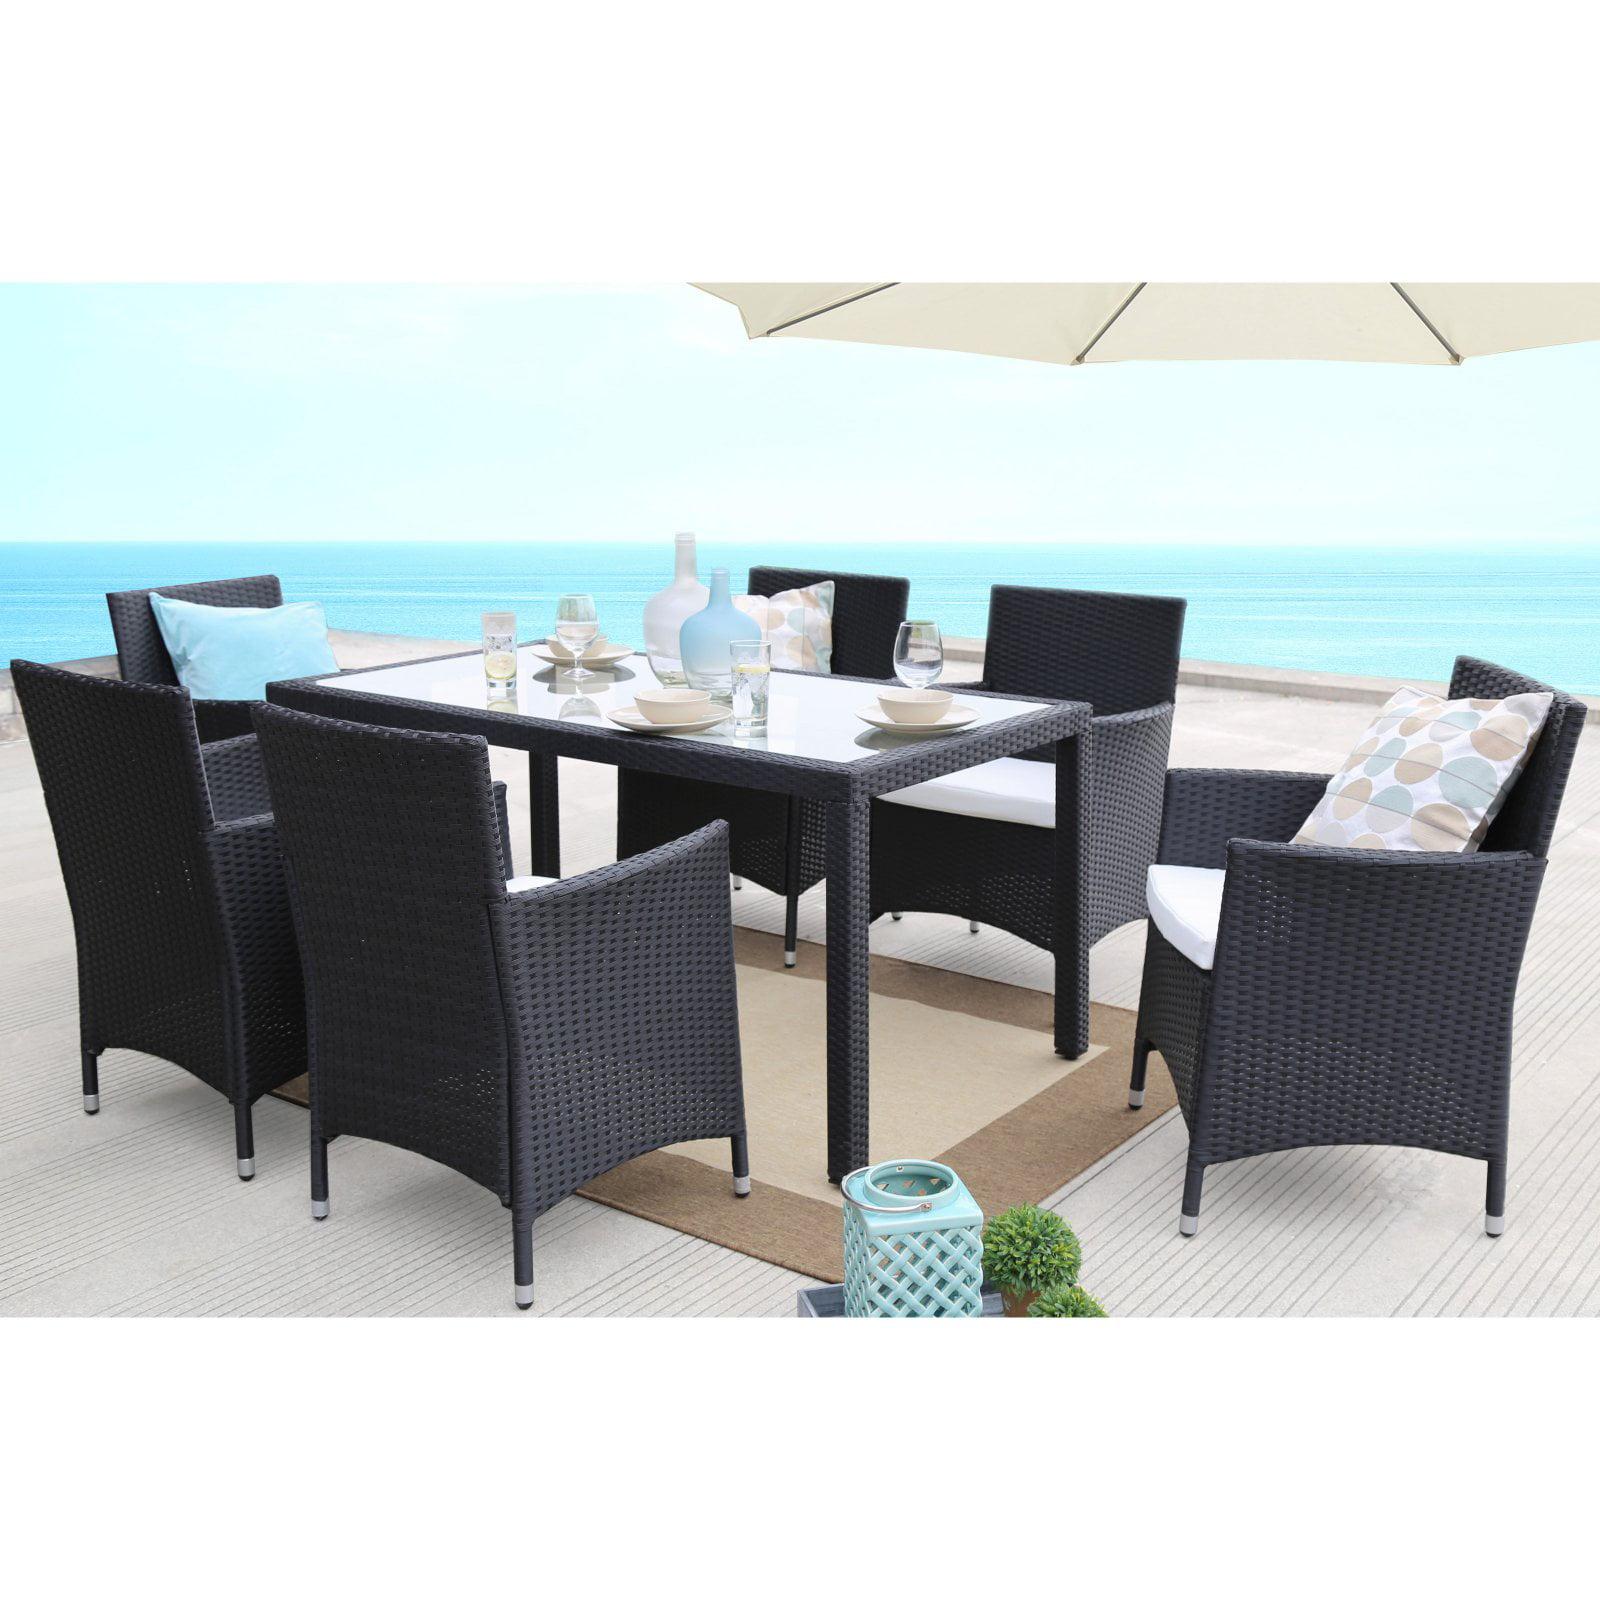 Baner Garden Outdoor Furniture Complete Patio PE Wicker Rattan Garden Dining Room Set, Black, 7-Pieces by Overstock